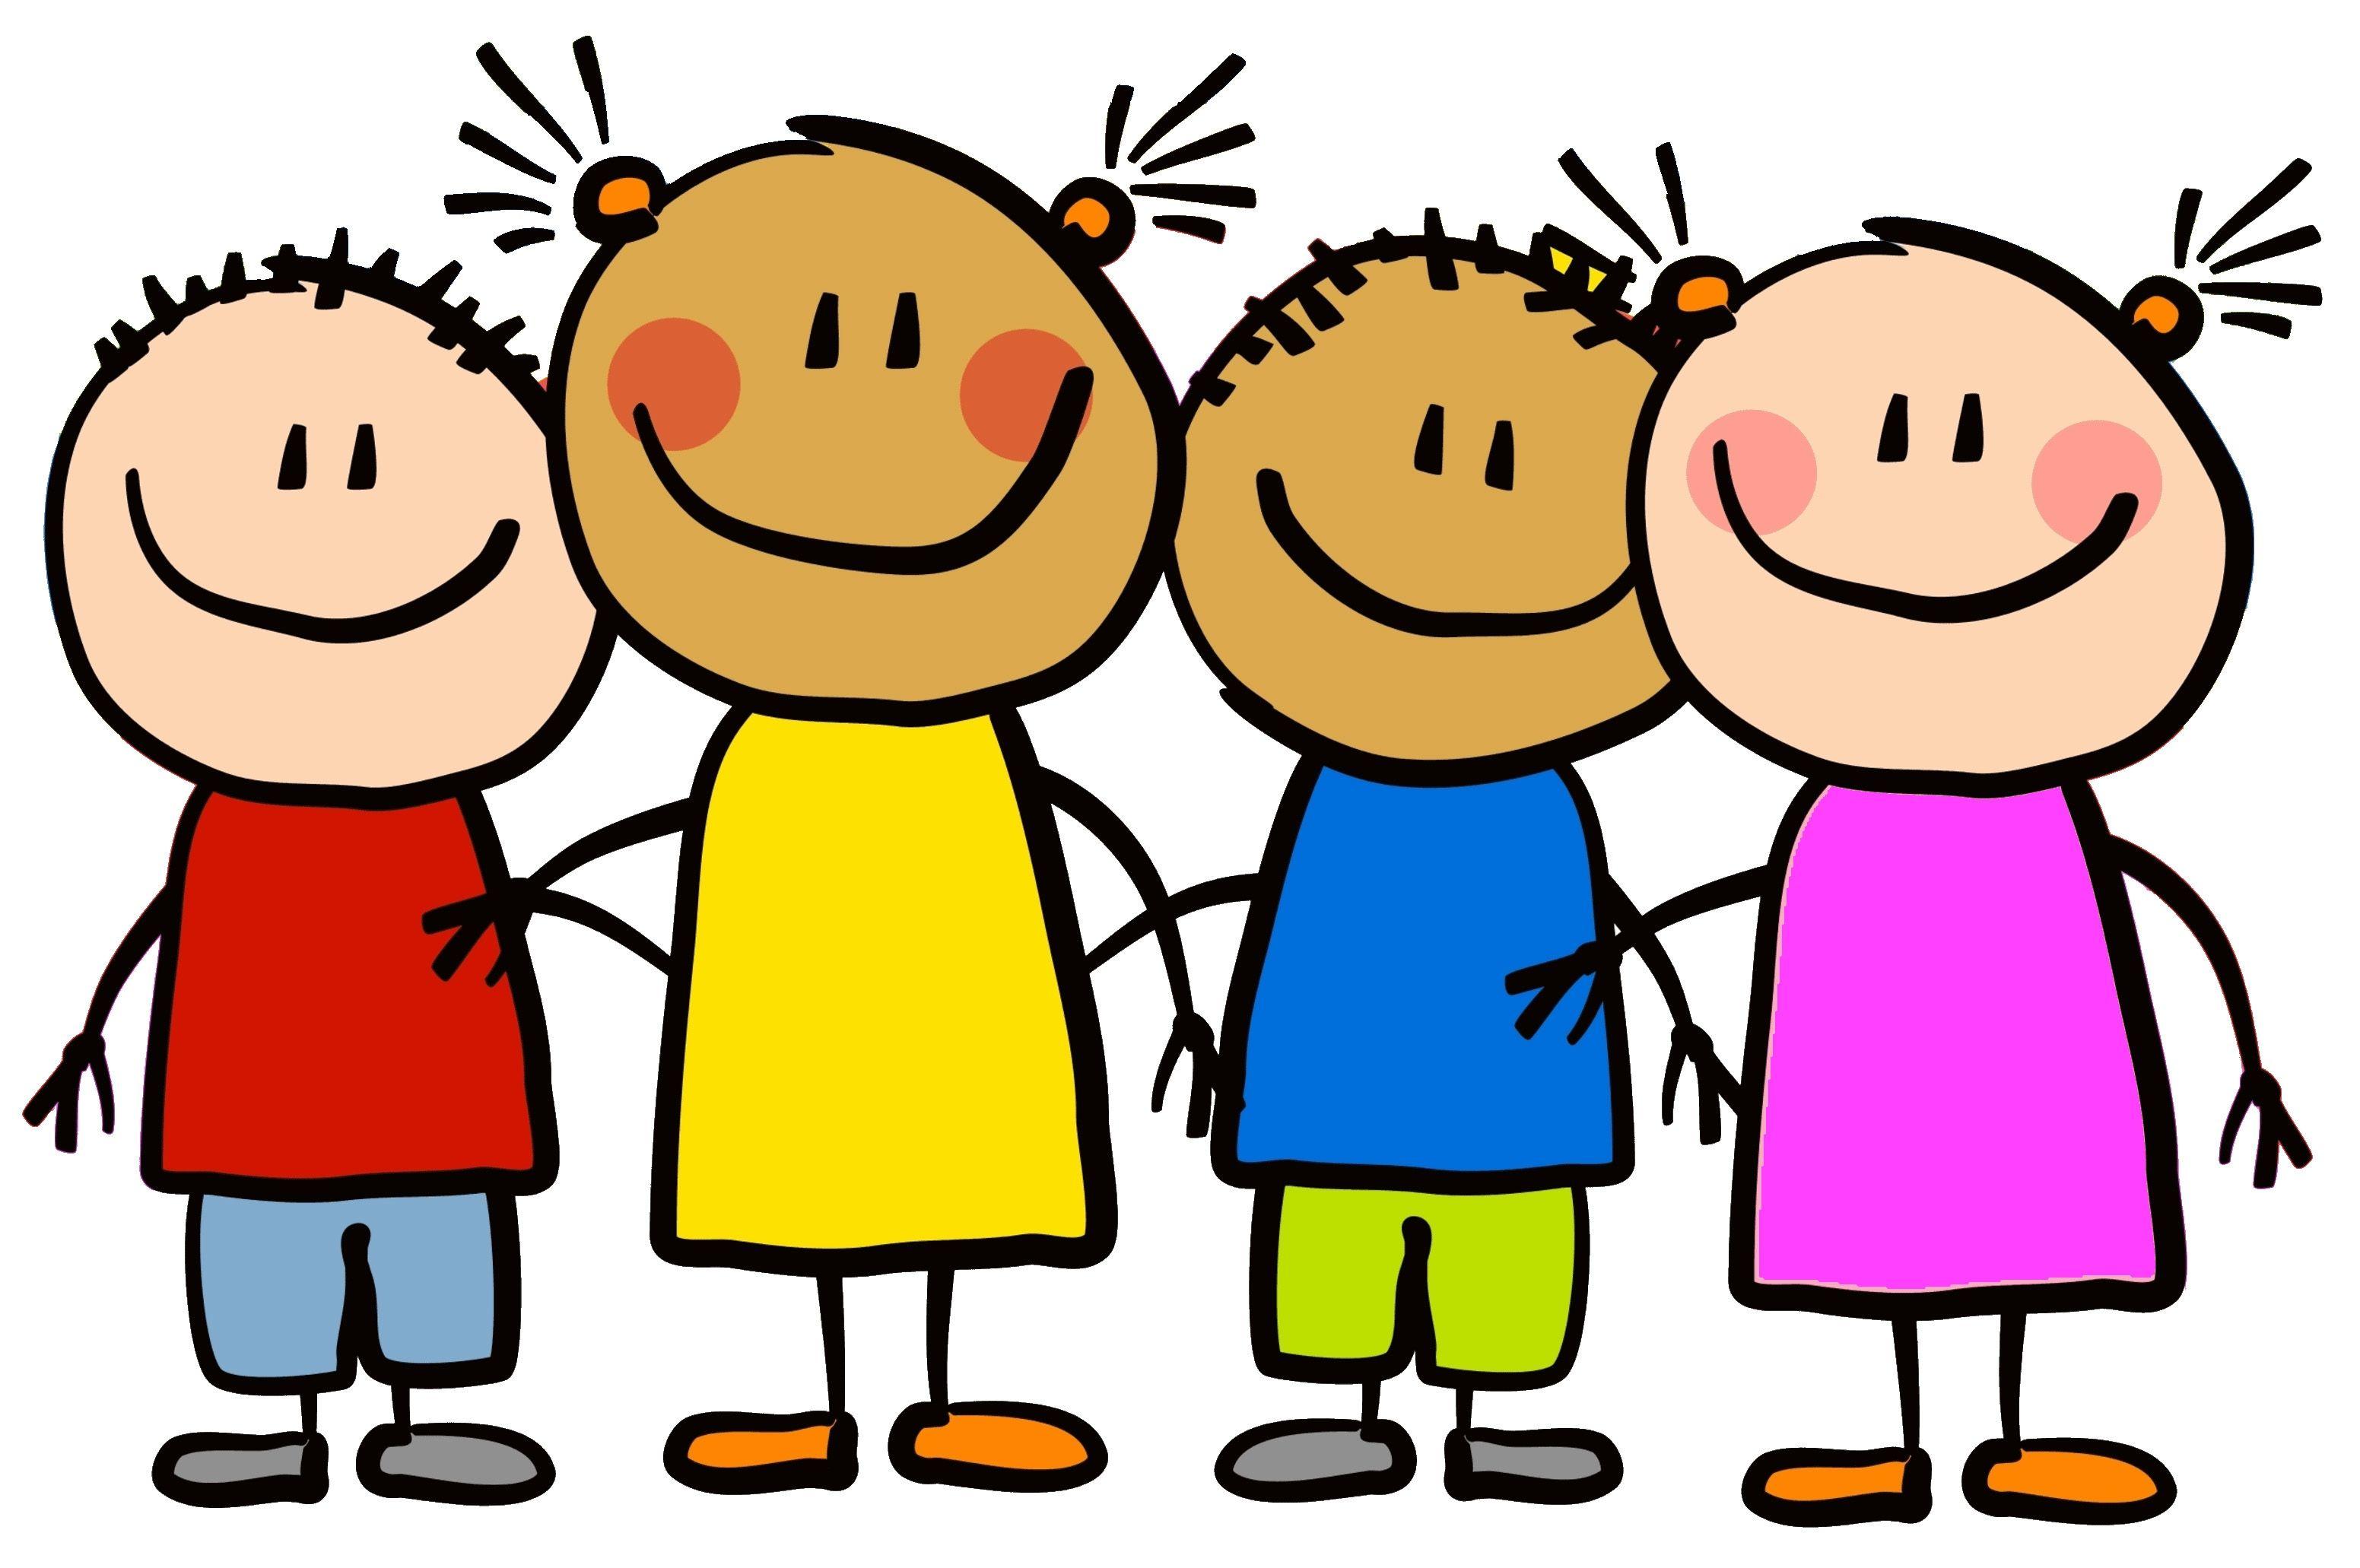 Kindergarten friends jpeg for. Clipart kids